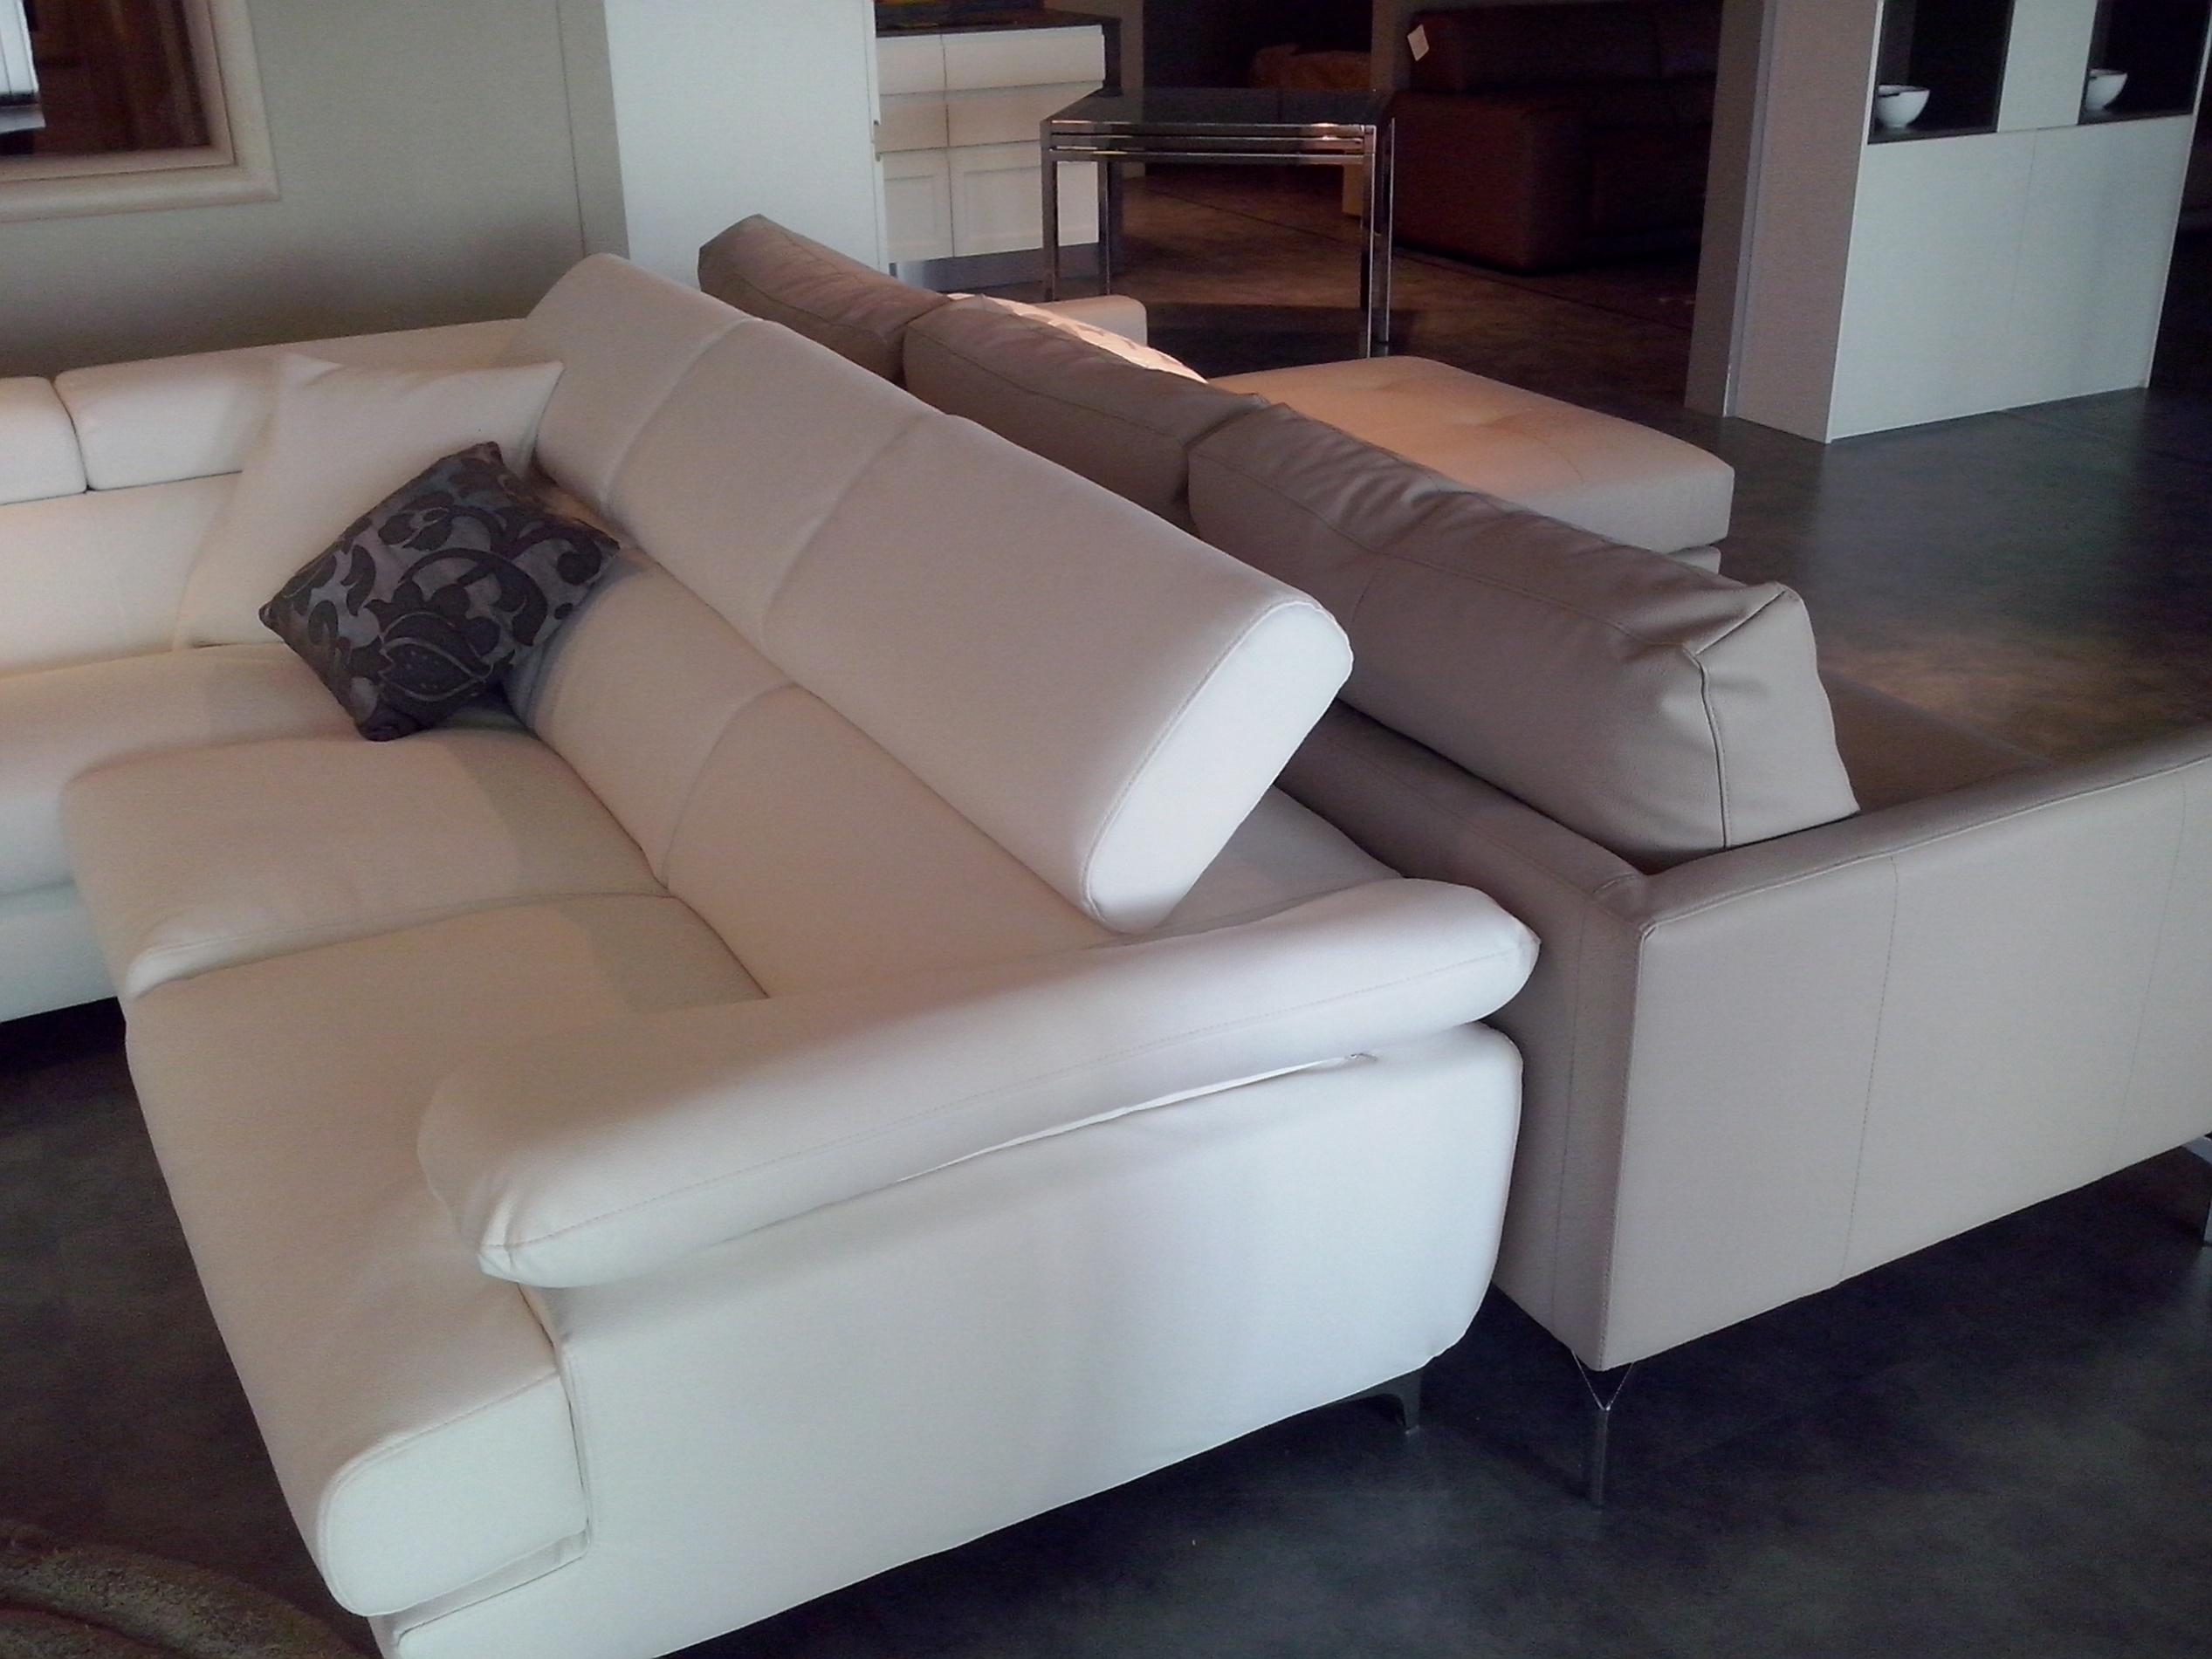 Divani in pelle ad angolo moderni prezzi for Prezzi divani moderni